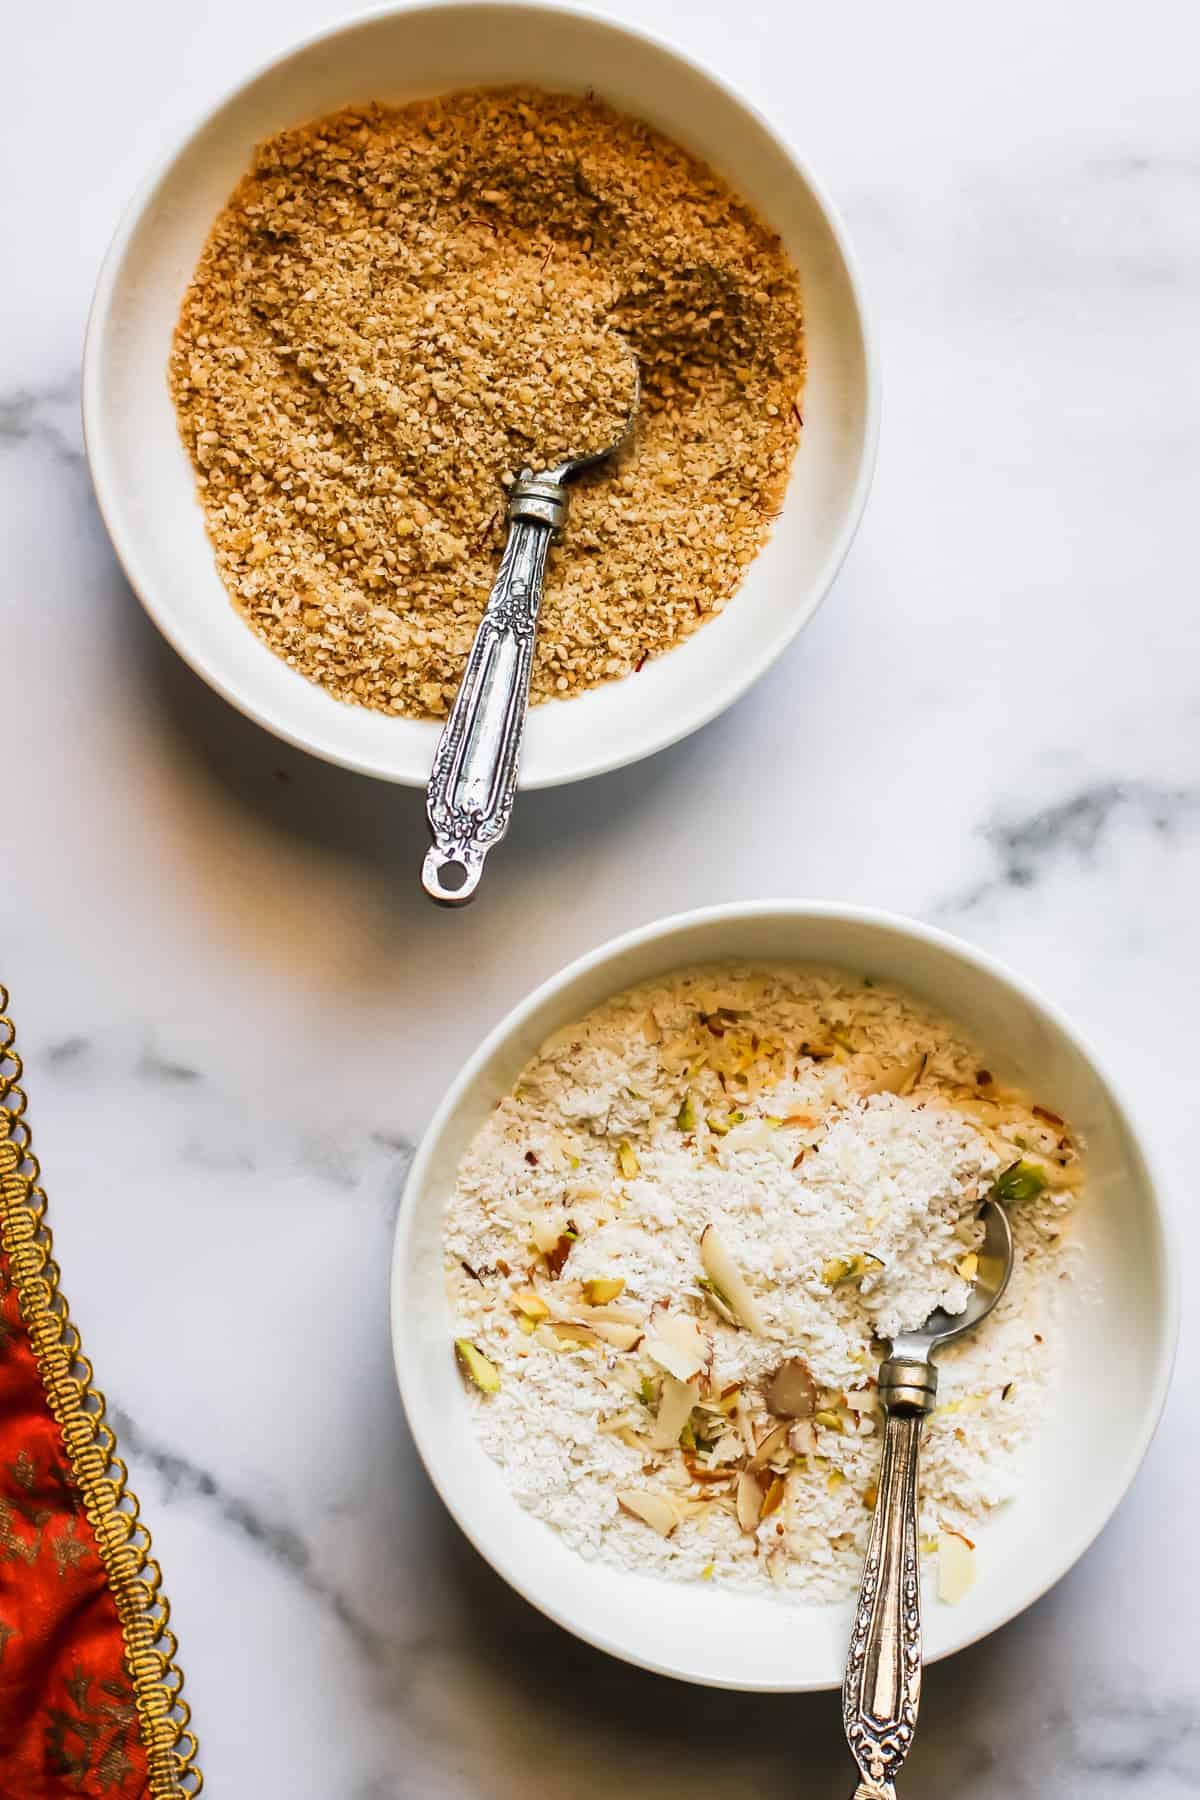 coconut & sesame filling for modak